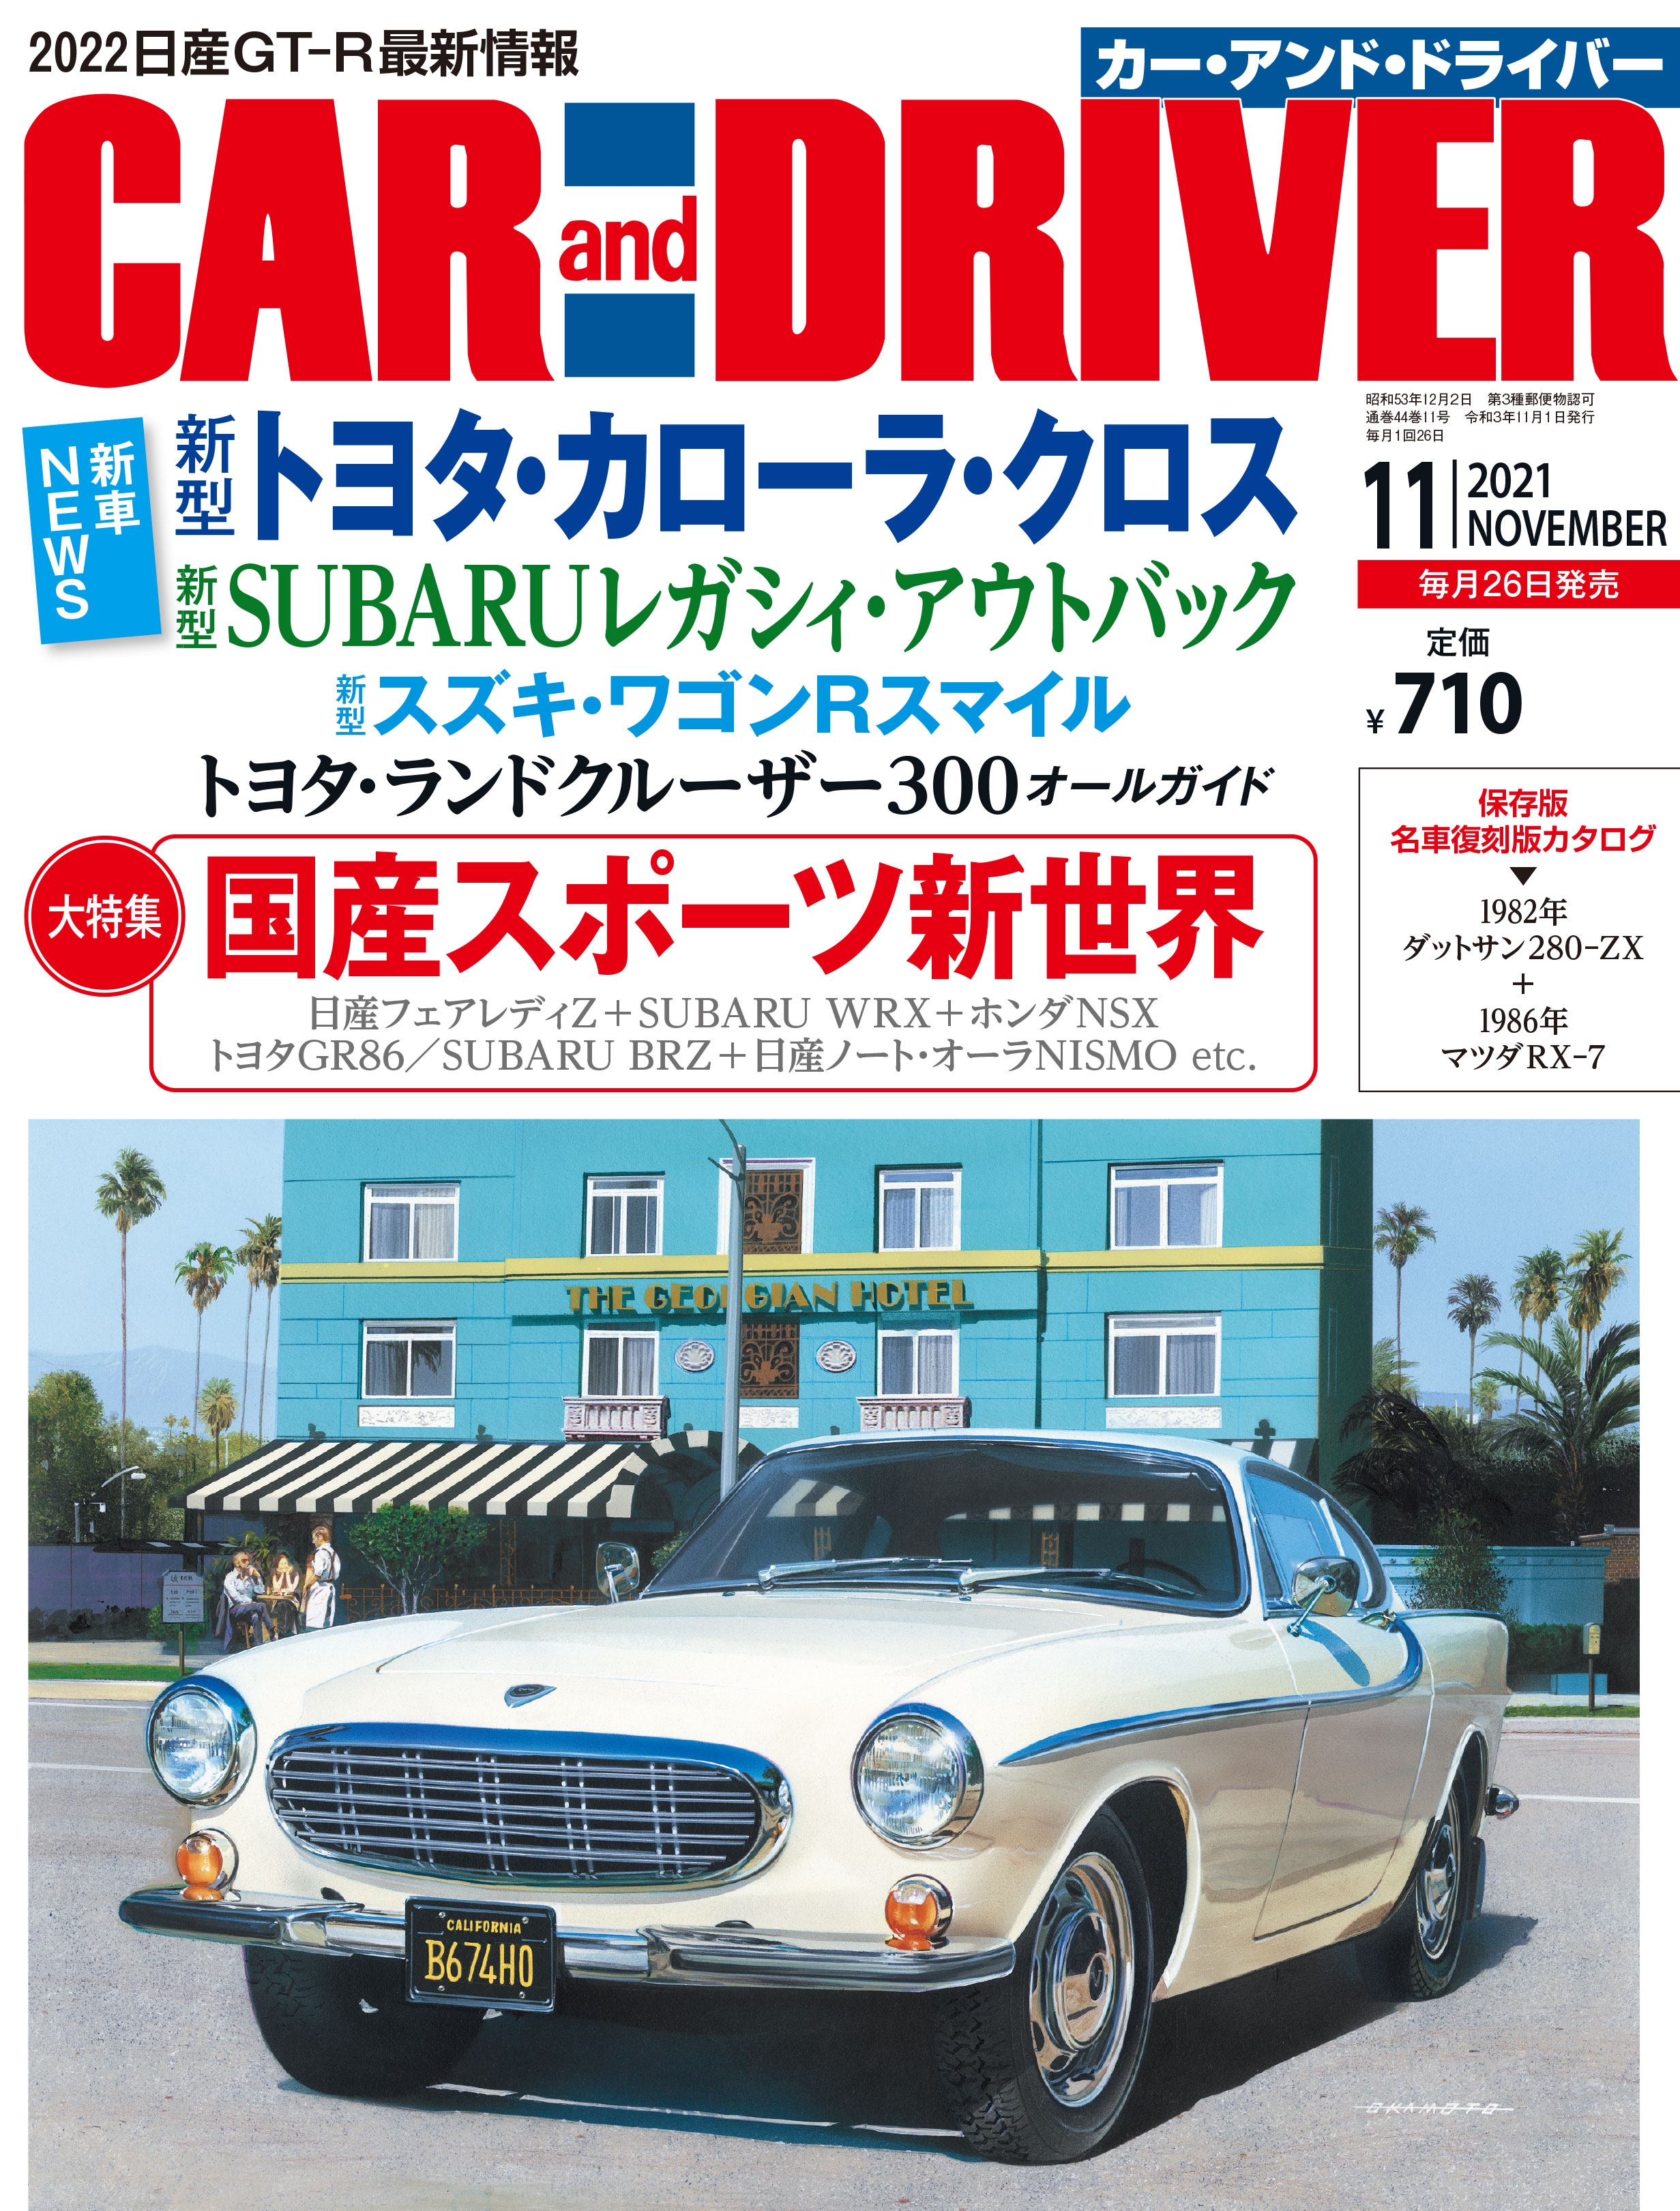 書影:CAR and DRIVER 2021年11月号